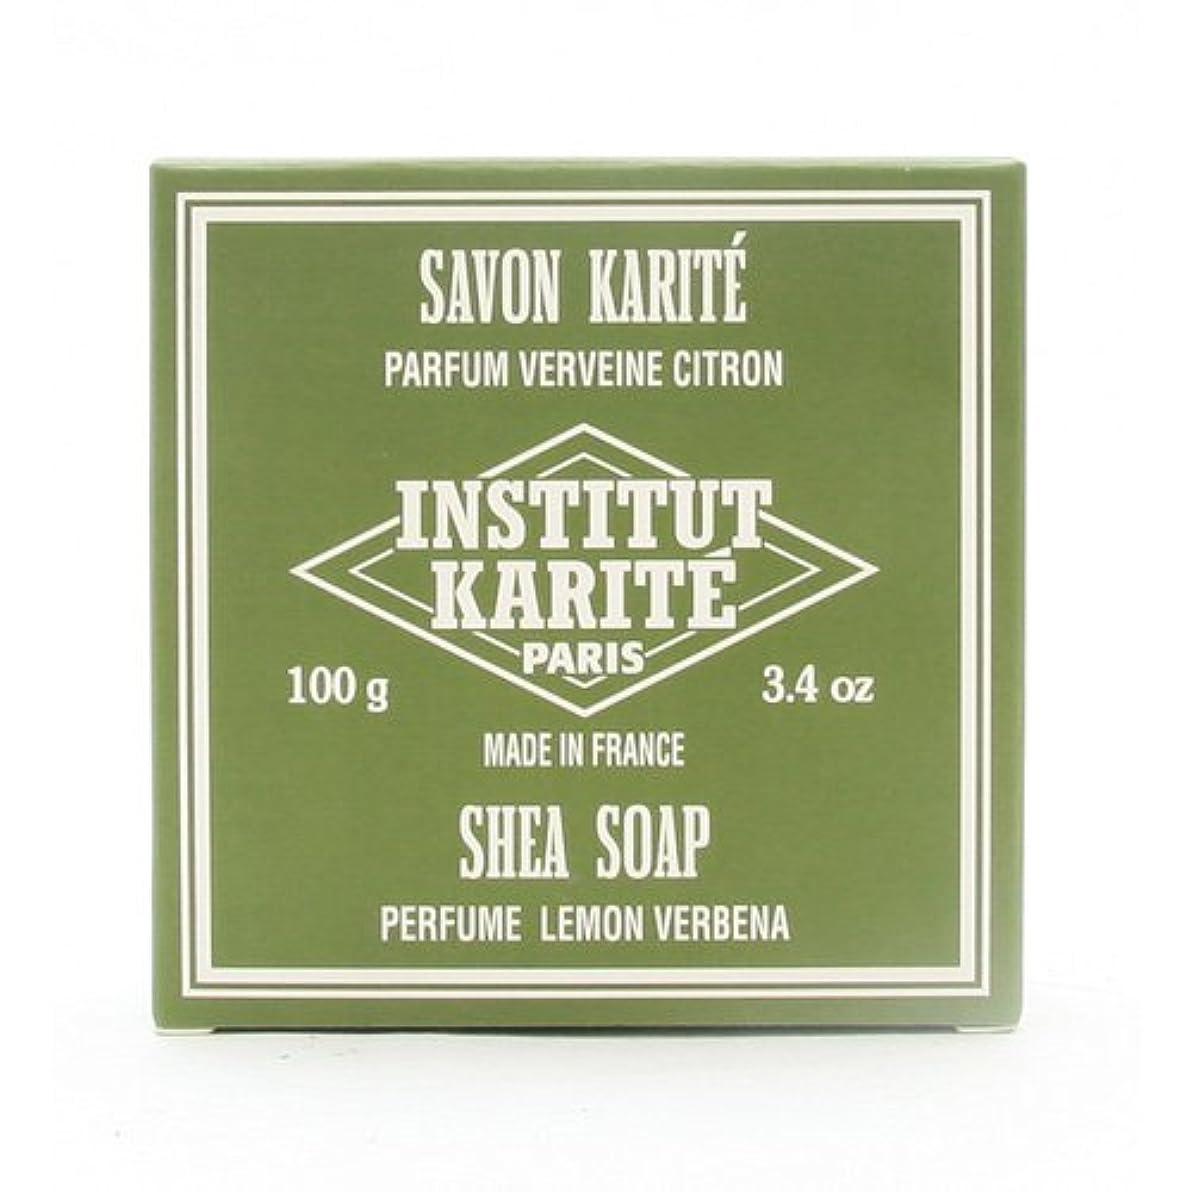 航空会社ファンシー昆虫を見るINSTITUT KARITE インスティテュート カリテ 25% Extra Gentle Soap ジェントルソープ 100g Lemon Vervenaレモンバーベナ